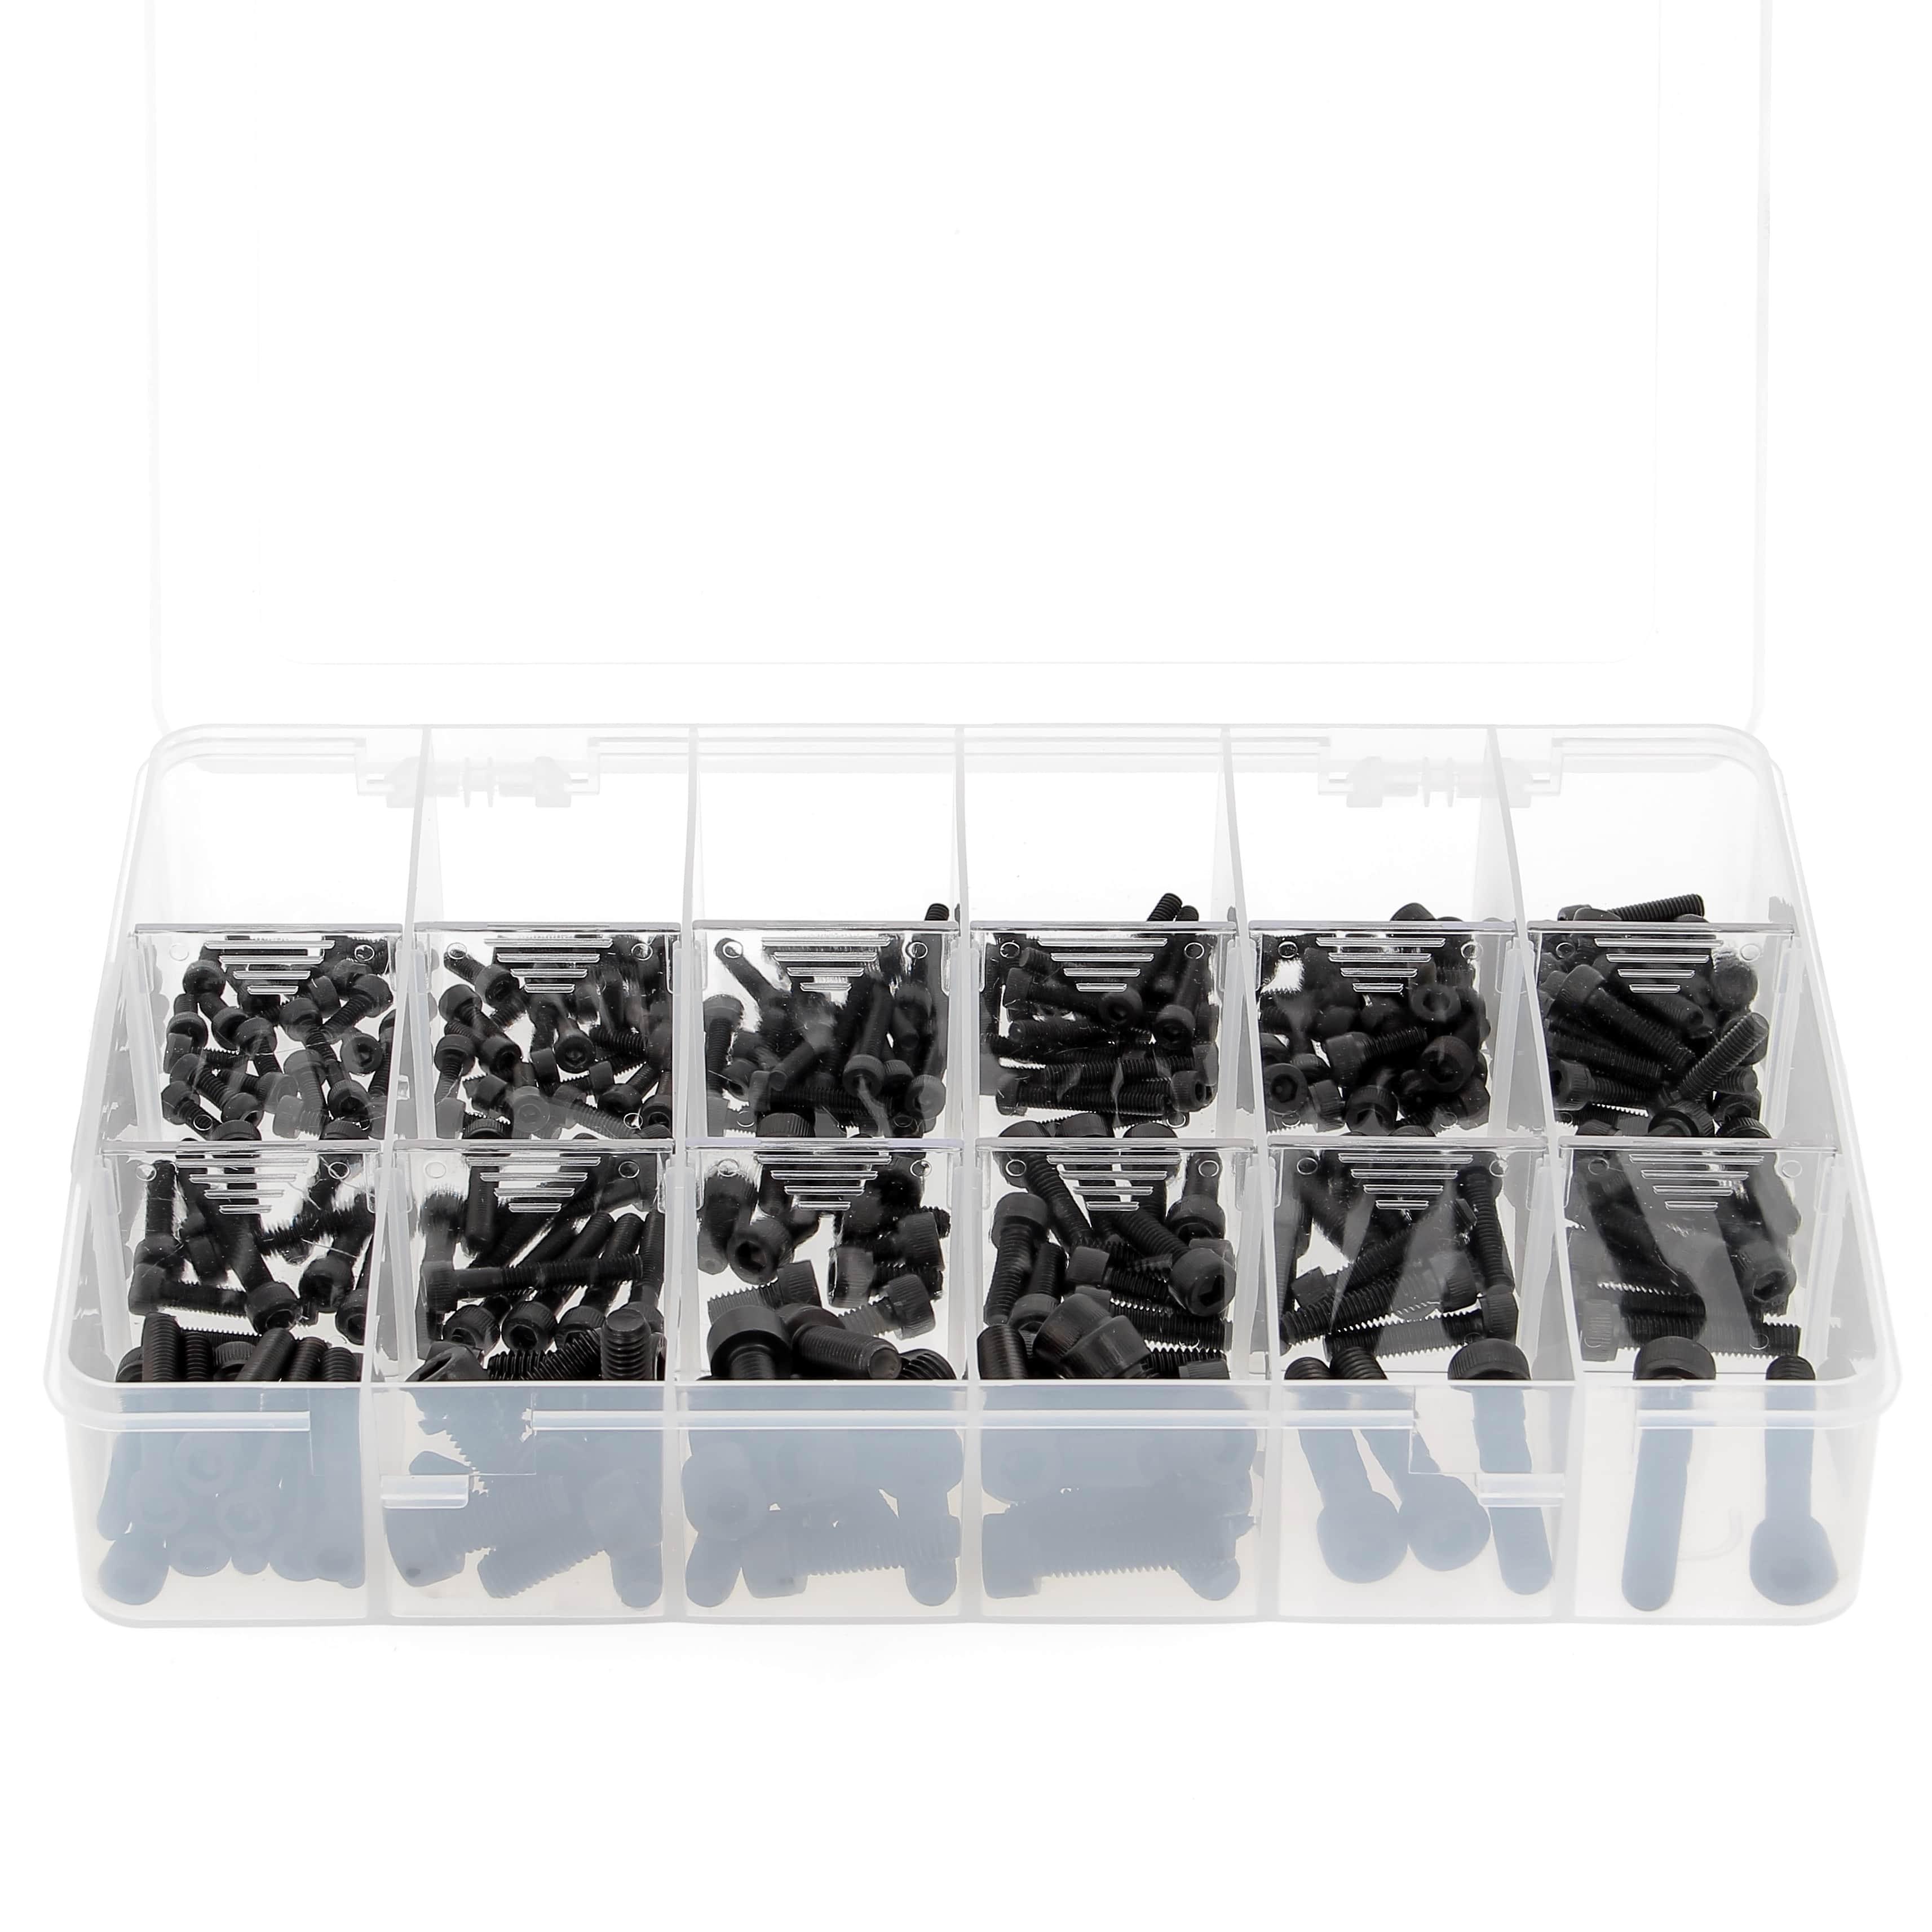 Coffret d'assortiments 255 Vis à Tête Cylindrique Hexagonale Creuse Acier 12.9 Noir DIN 912